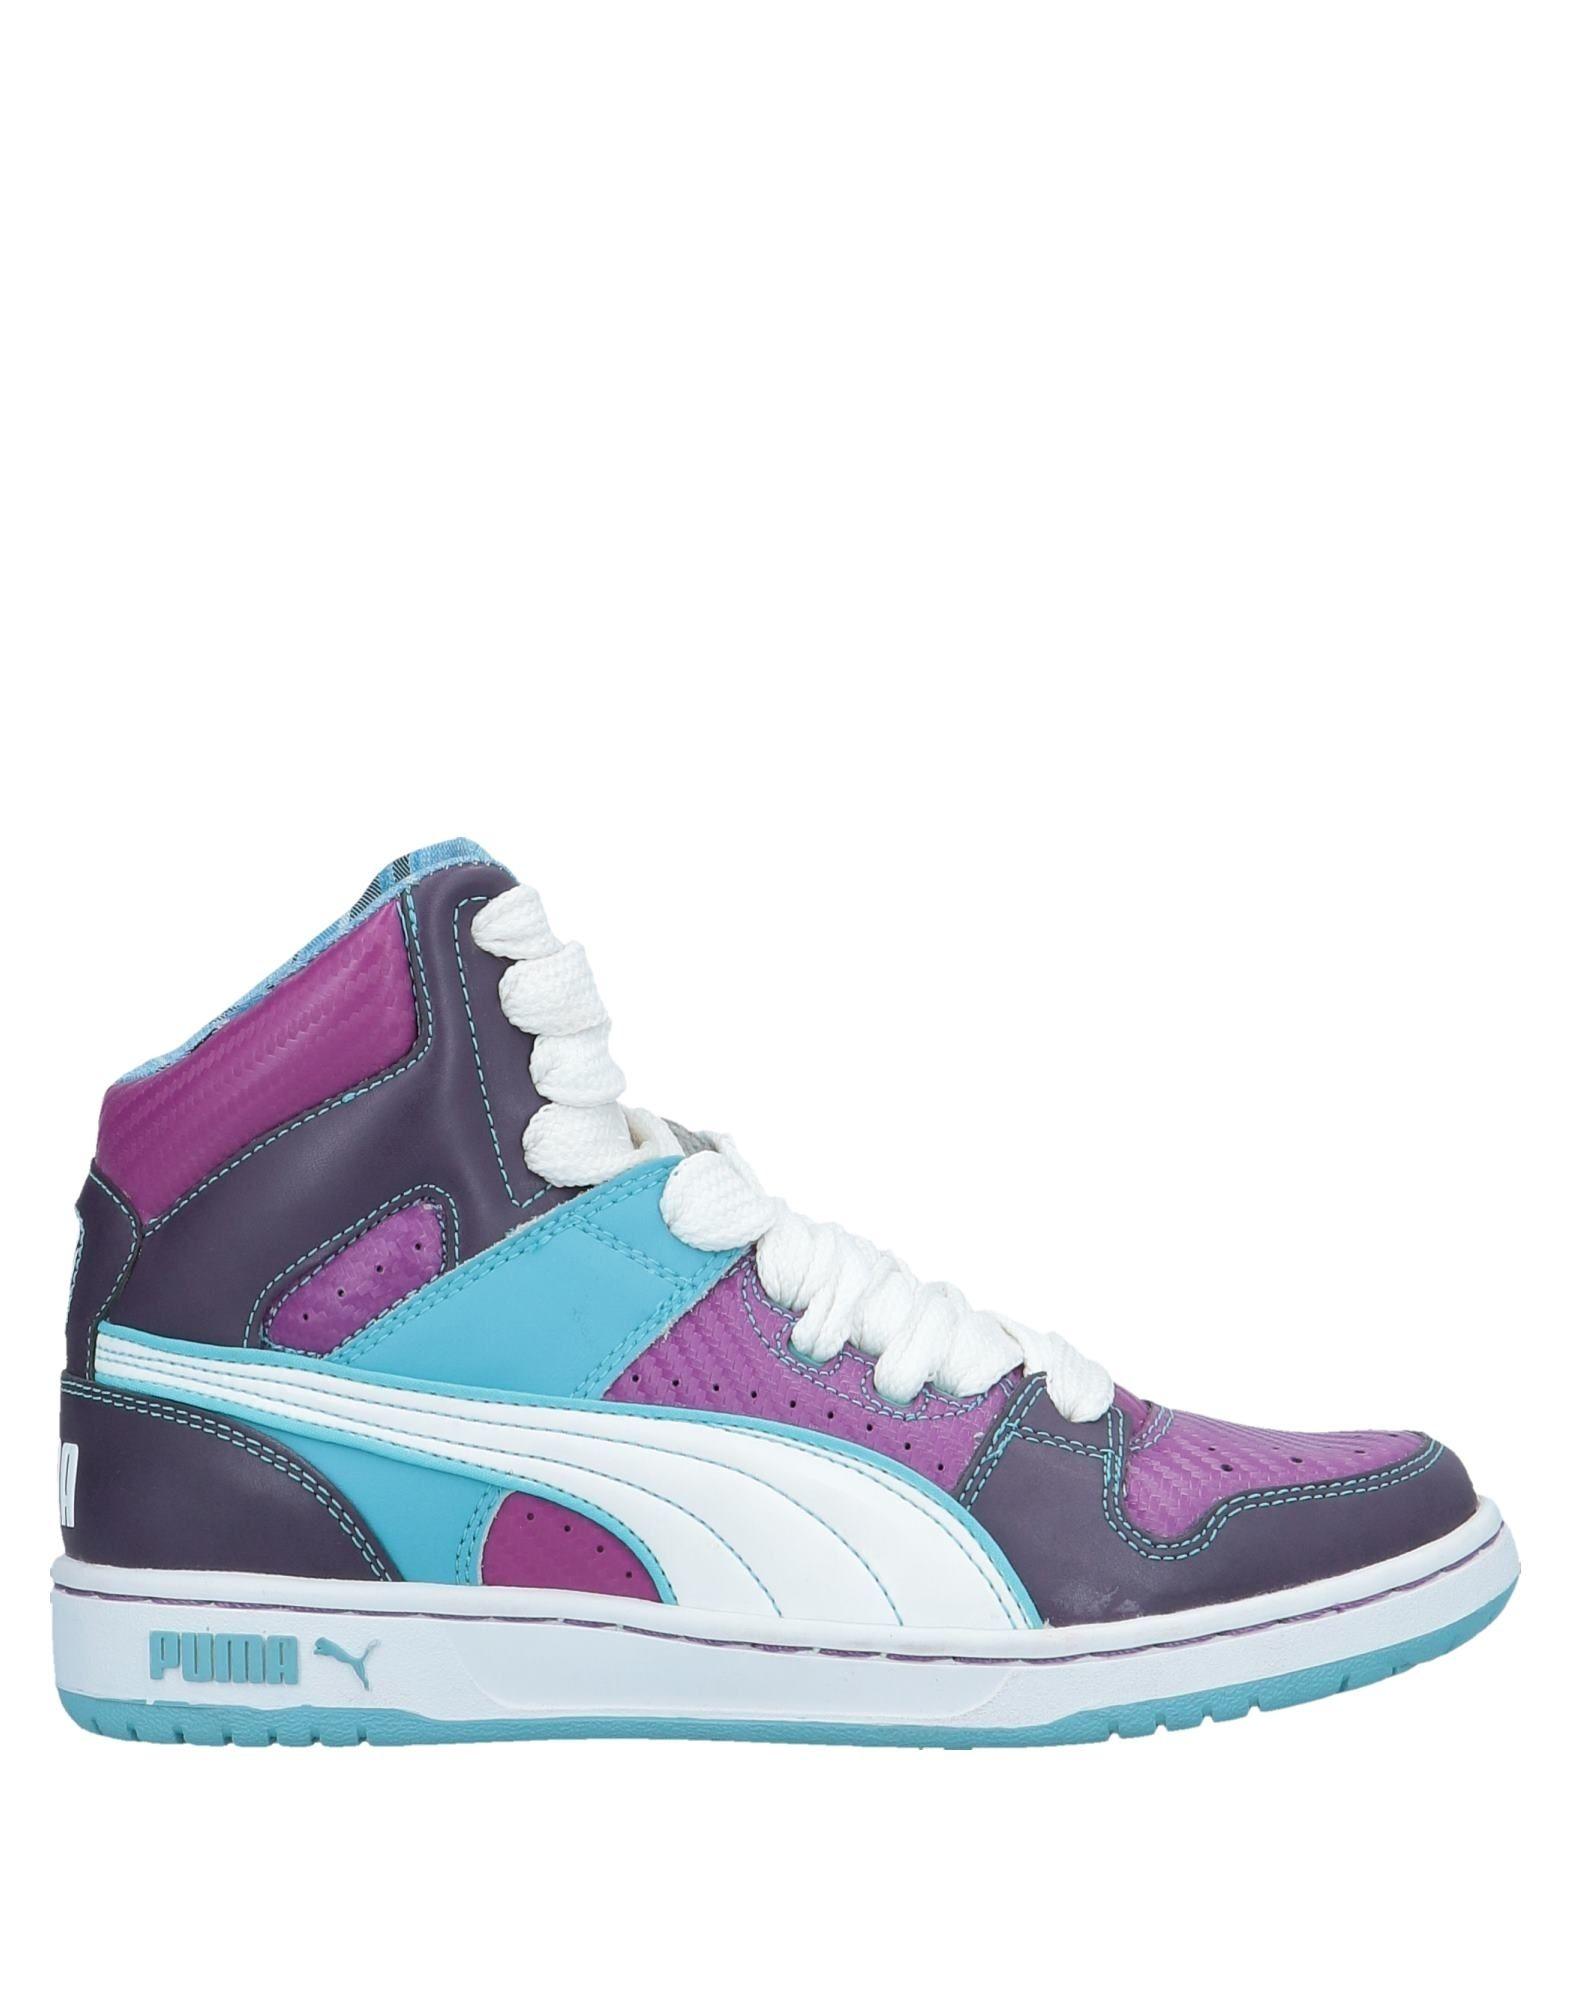 Puma Sneakers Damen Gutes Preis-Leistungs-Verhältnis, Preis-Leistungs-Verhältnis, Preis-Leistungs-Verhältnis, es lohnt sich 56ab9b